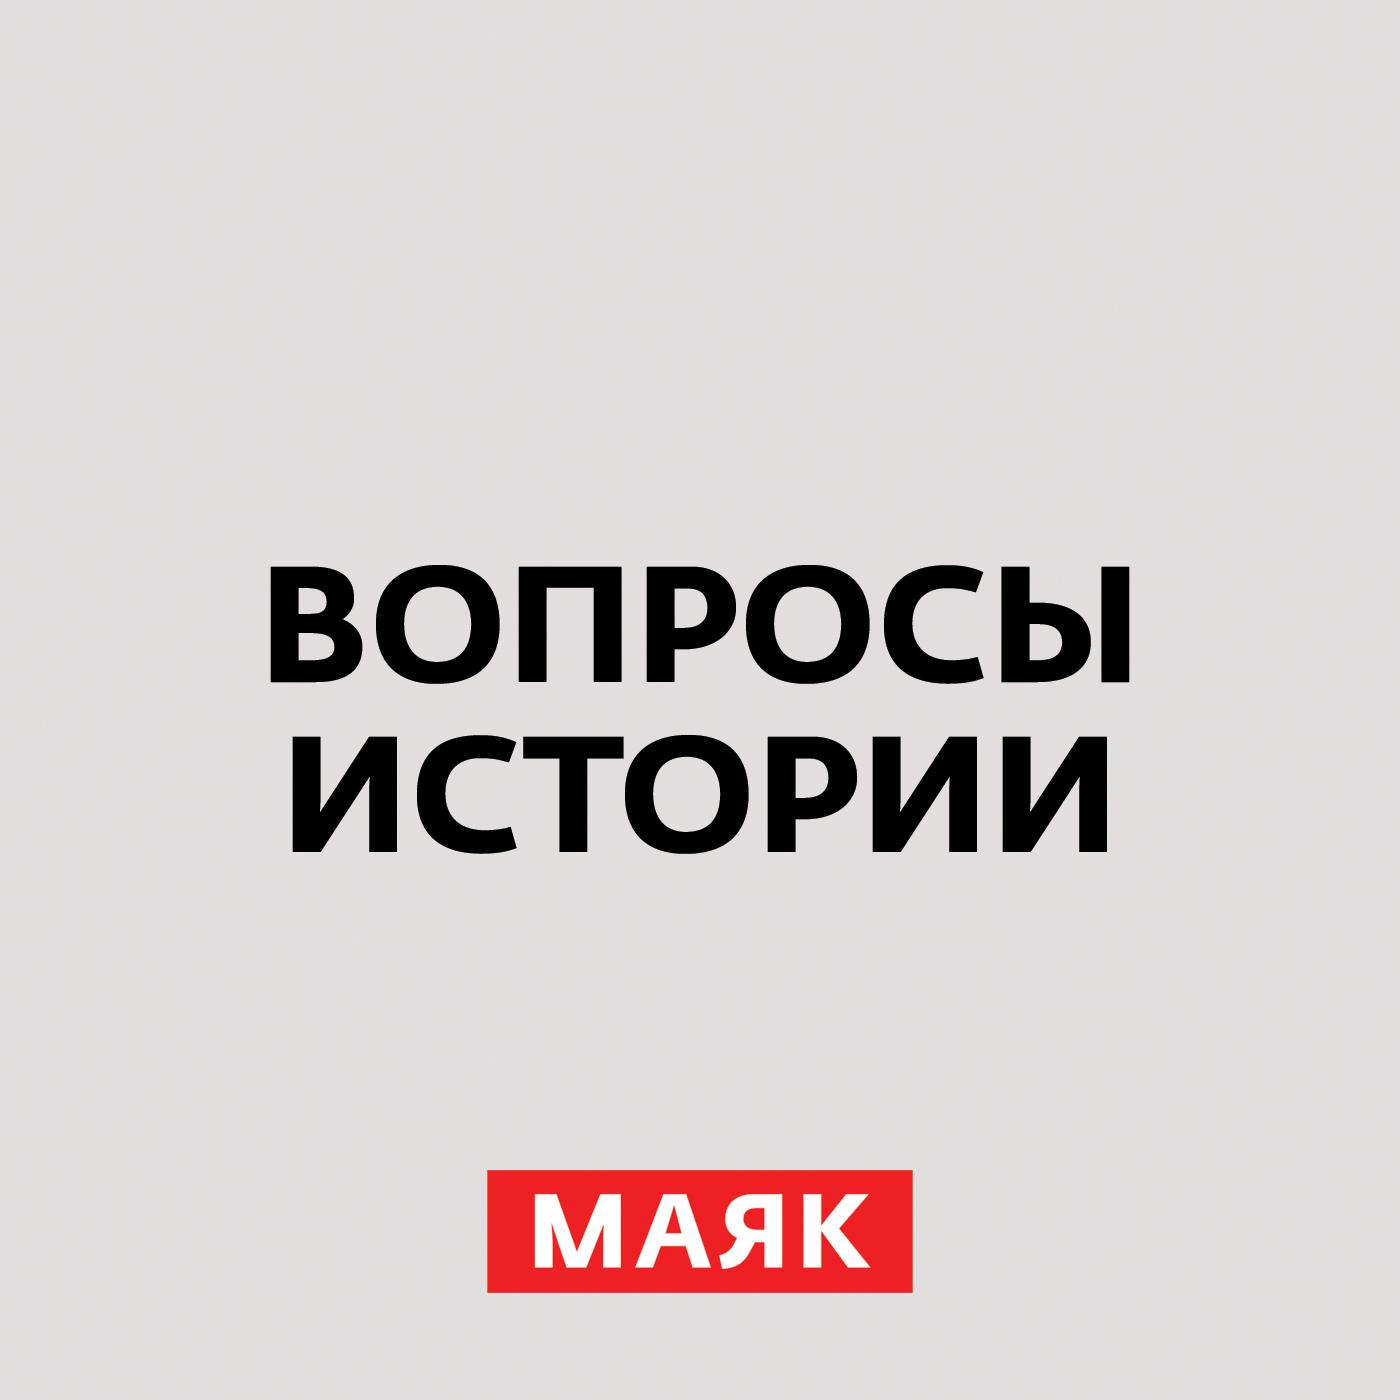 Андрей Светенко Охота на ведьм: Сталину нравилось менять фаворитов андрей светенко покушение на ленина неизвестные факты